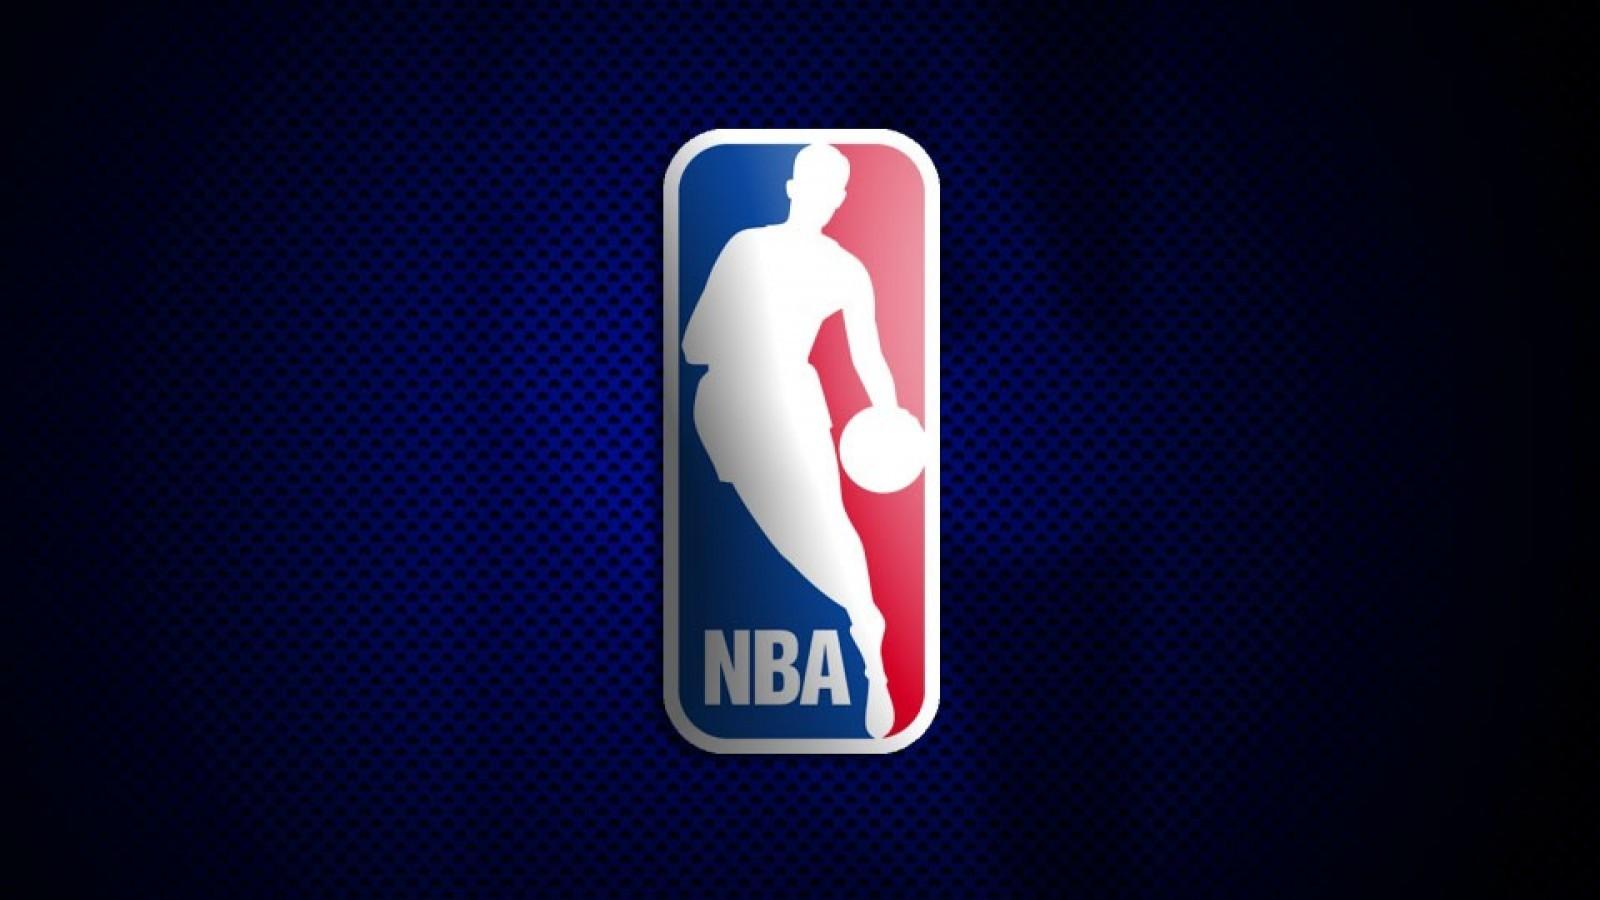 Найкращі моменти матчів НБА 7 лютого